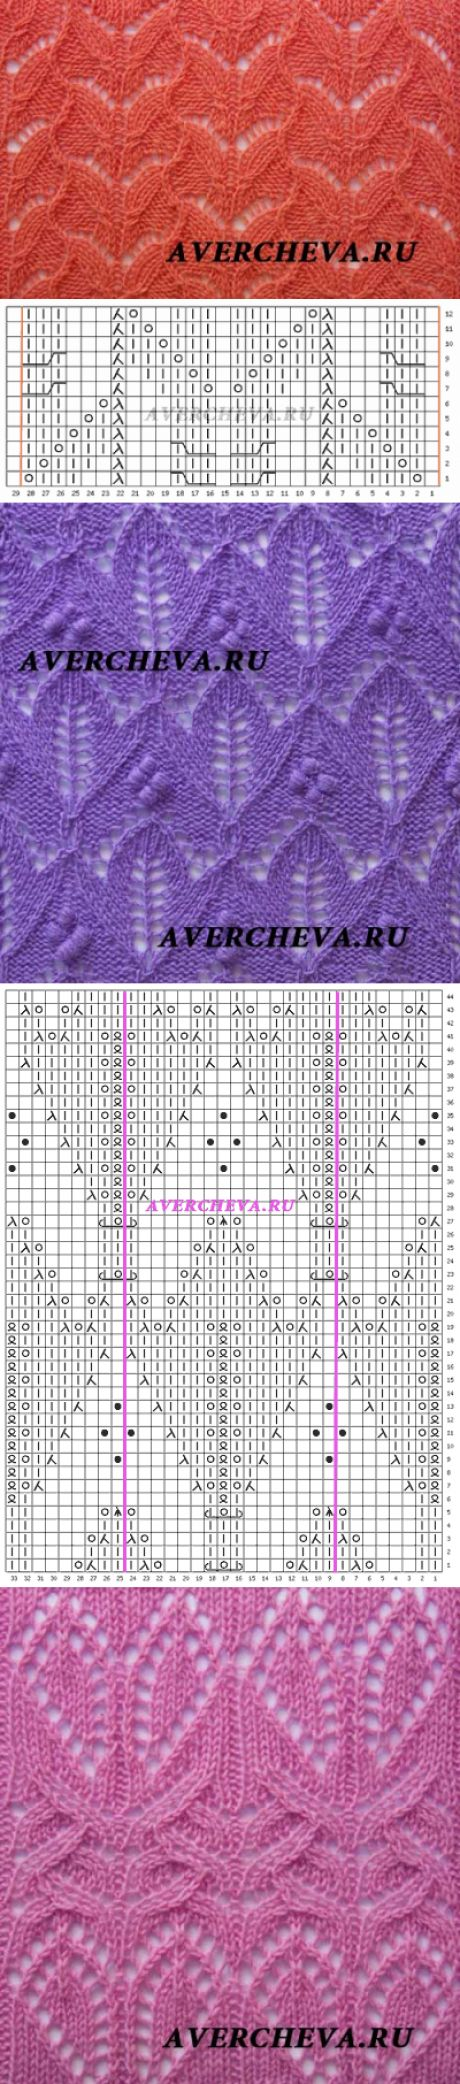 спицами цветочные узоры и орнаменты схемы